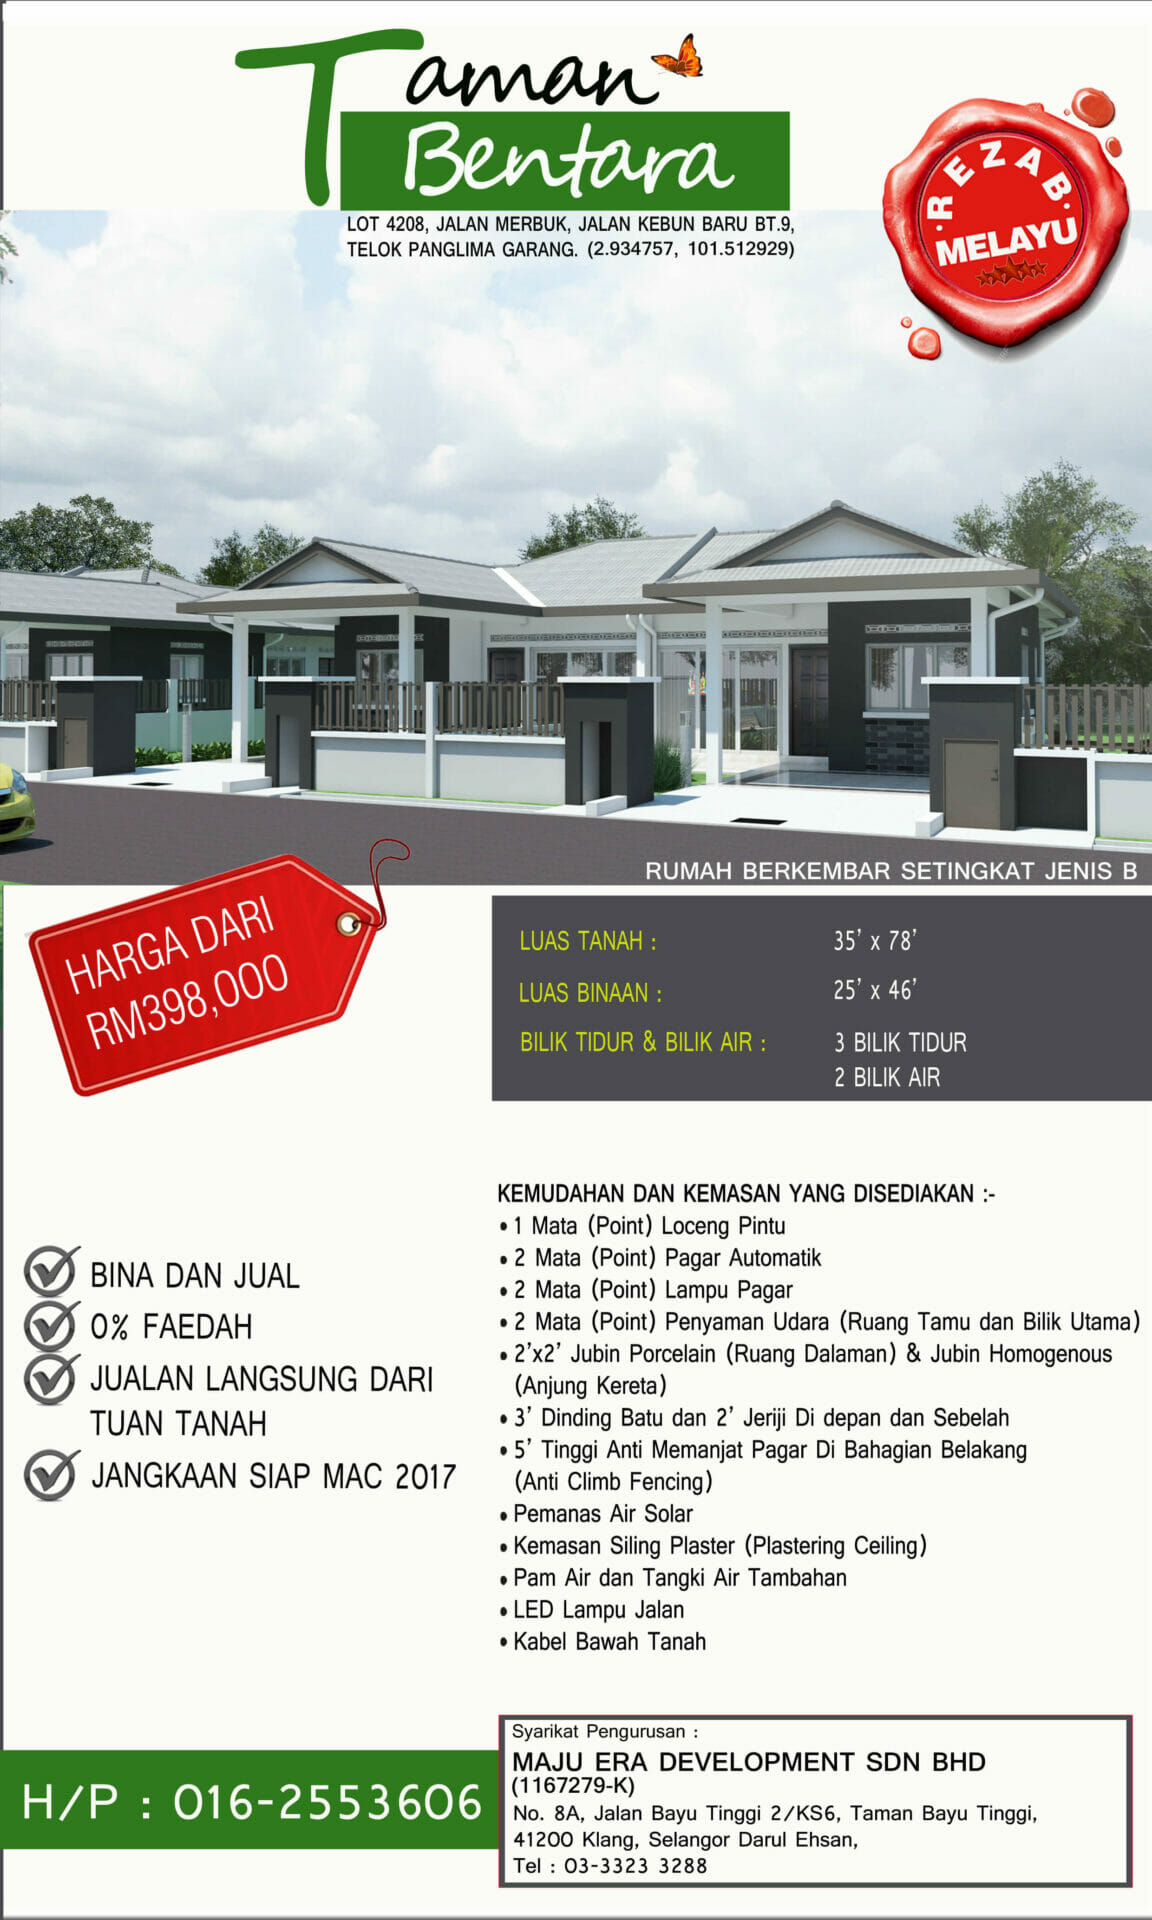 Lot 4208 Taman Bentara, Teluk Panglima Garang 4